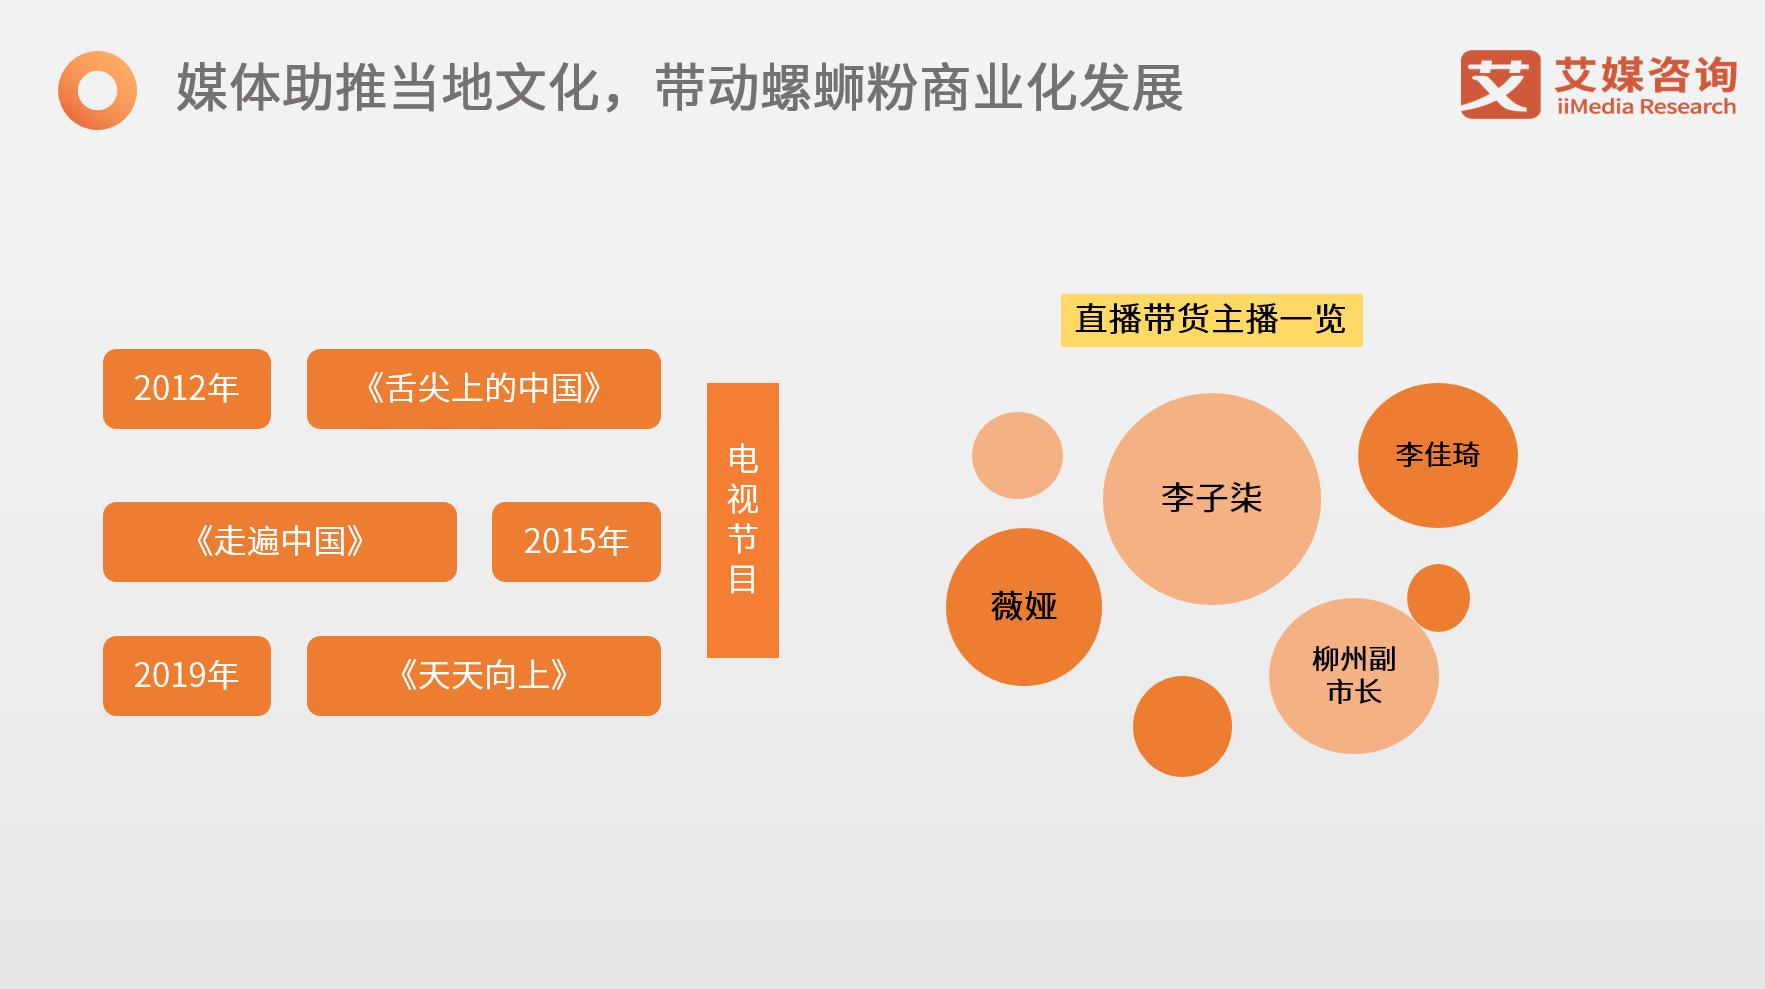 """艾媒咨询CEO张毅受邀参加""""2021柳州螺蛳粉产业高质量发展高峰论坛""""并发表主题演讲"""